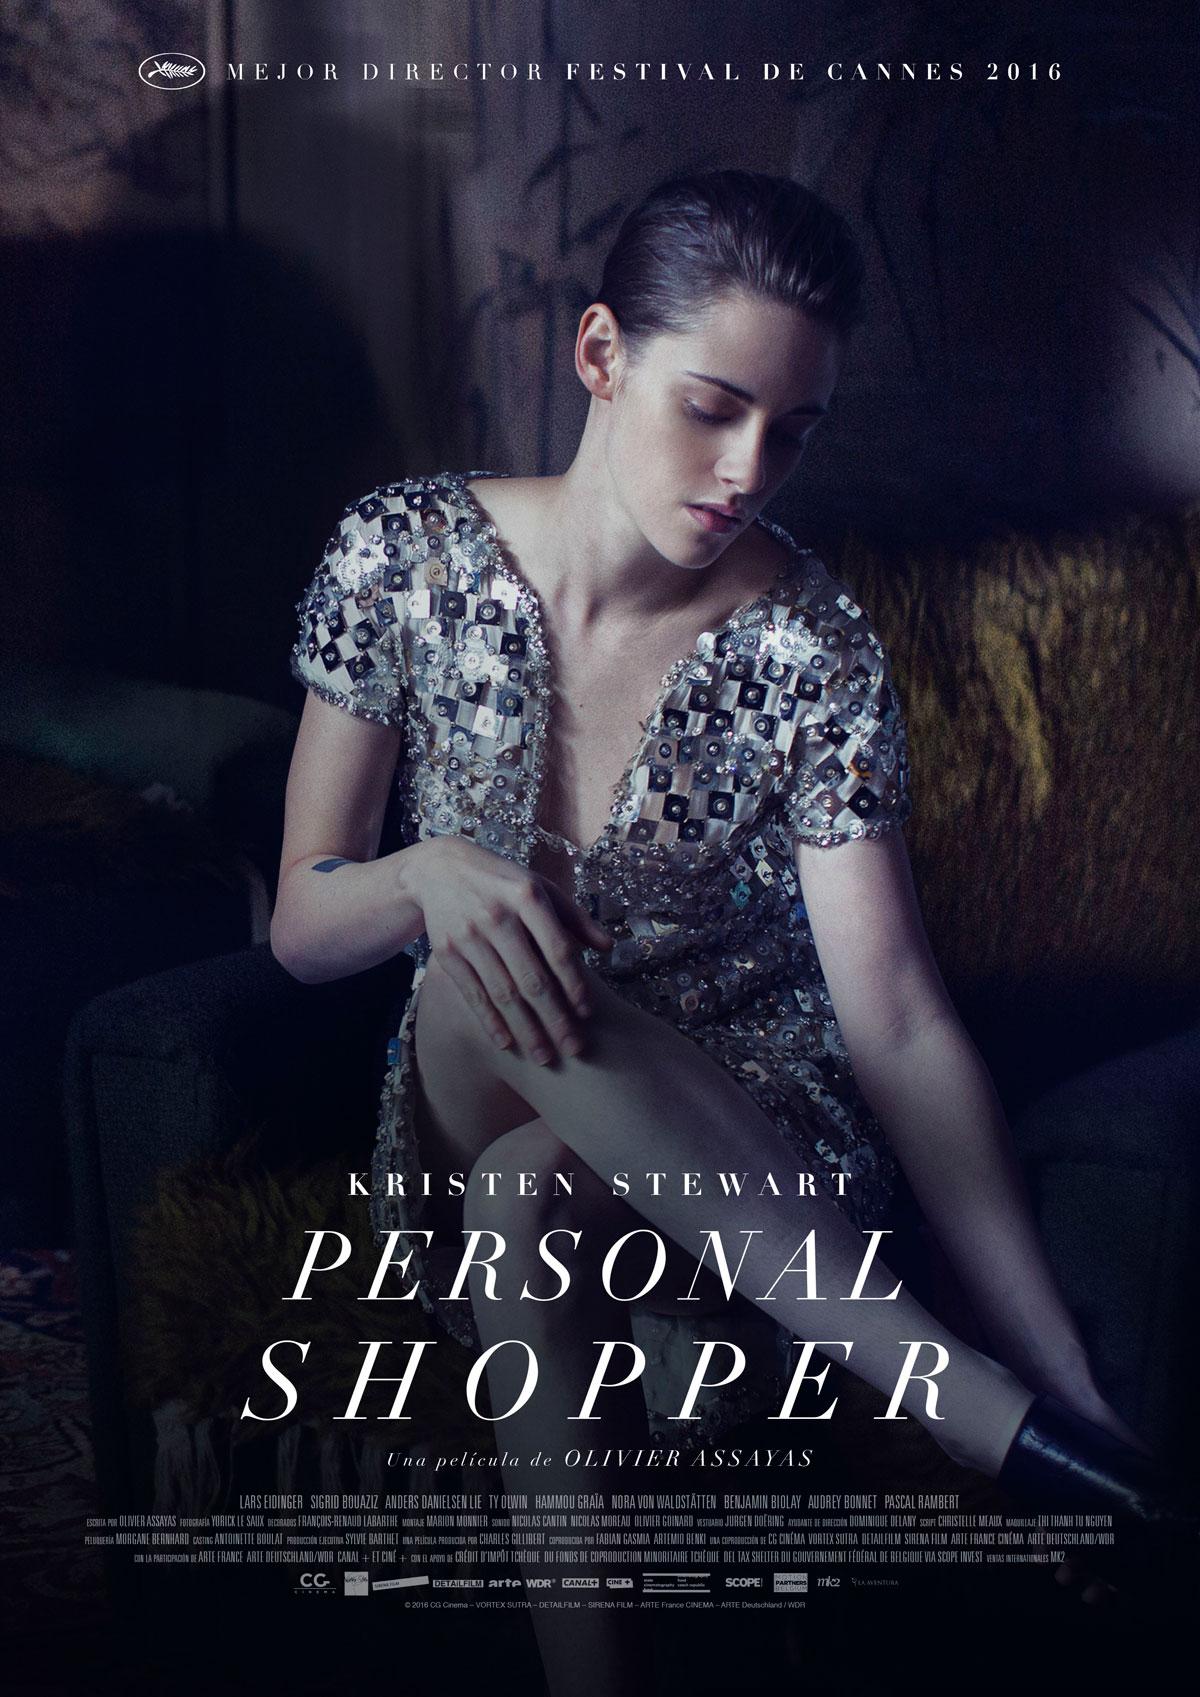 Personal Shopper - Película 2016 - SensaCine.com